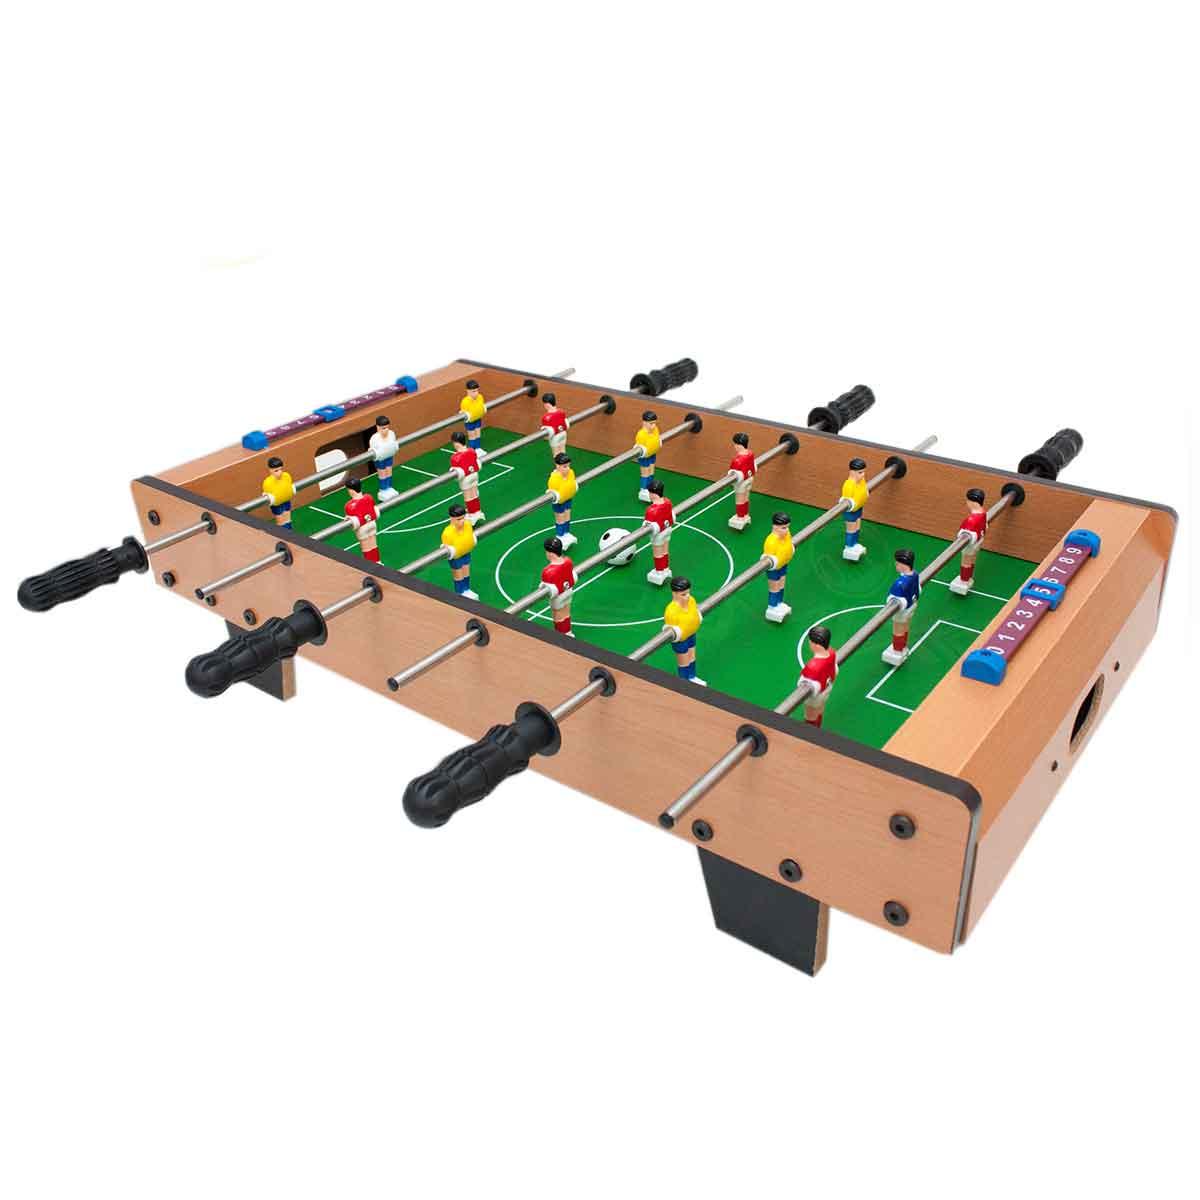 Mini Mesa Pebolim Totó 18 Jogadores Futebol Compacto Mdf